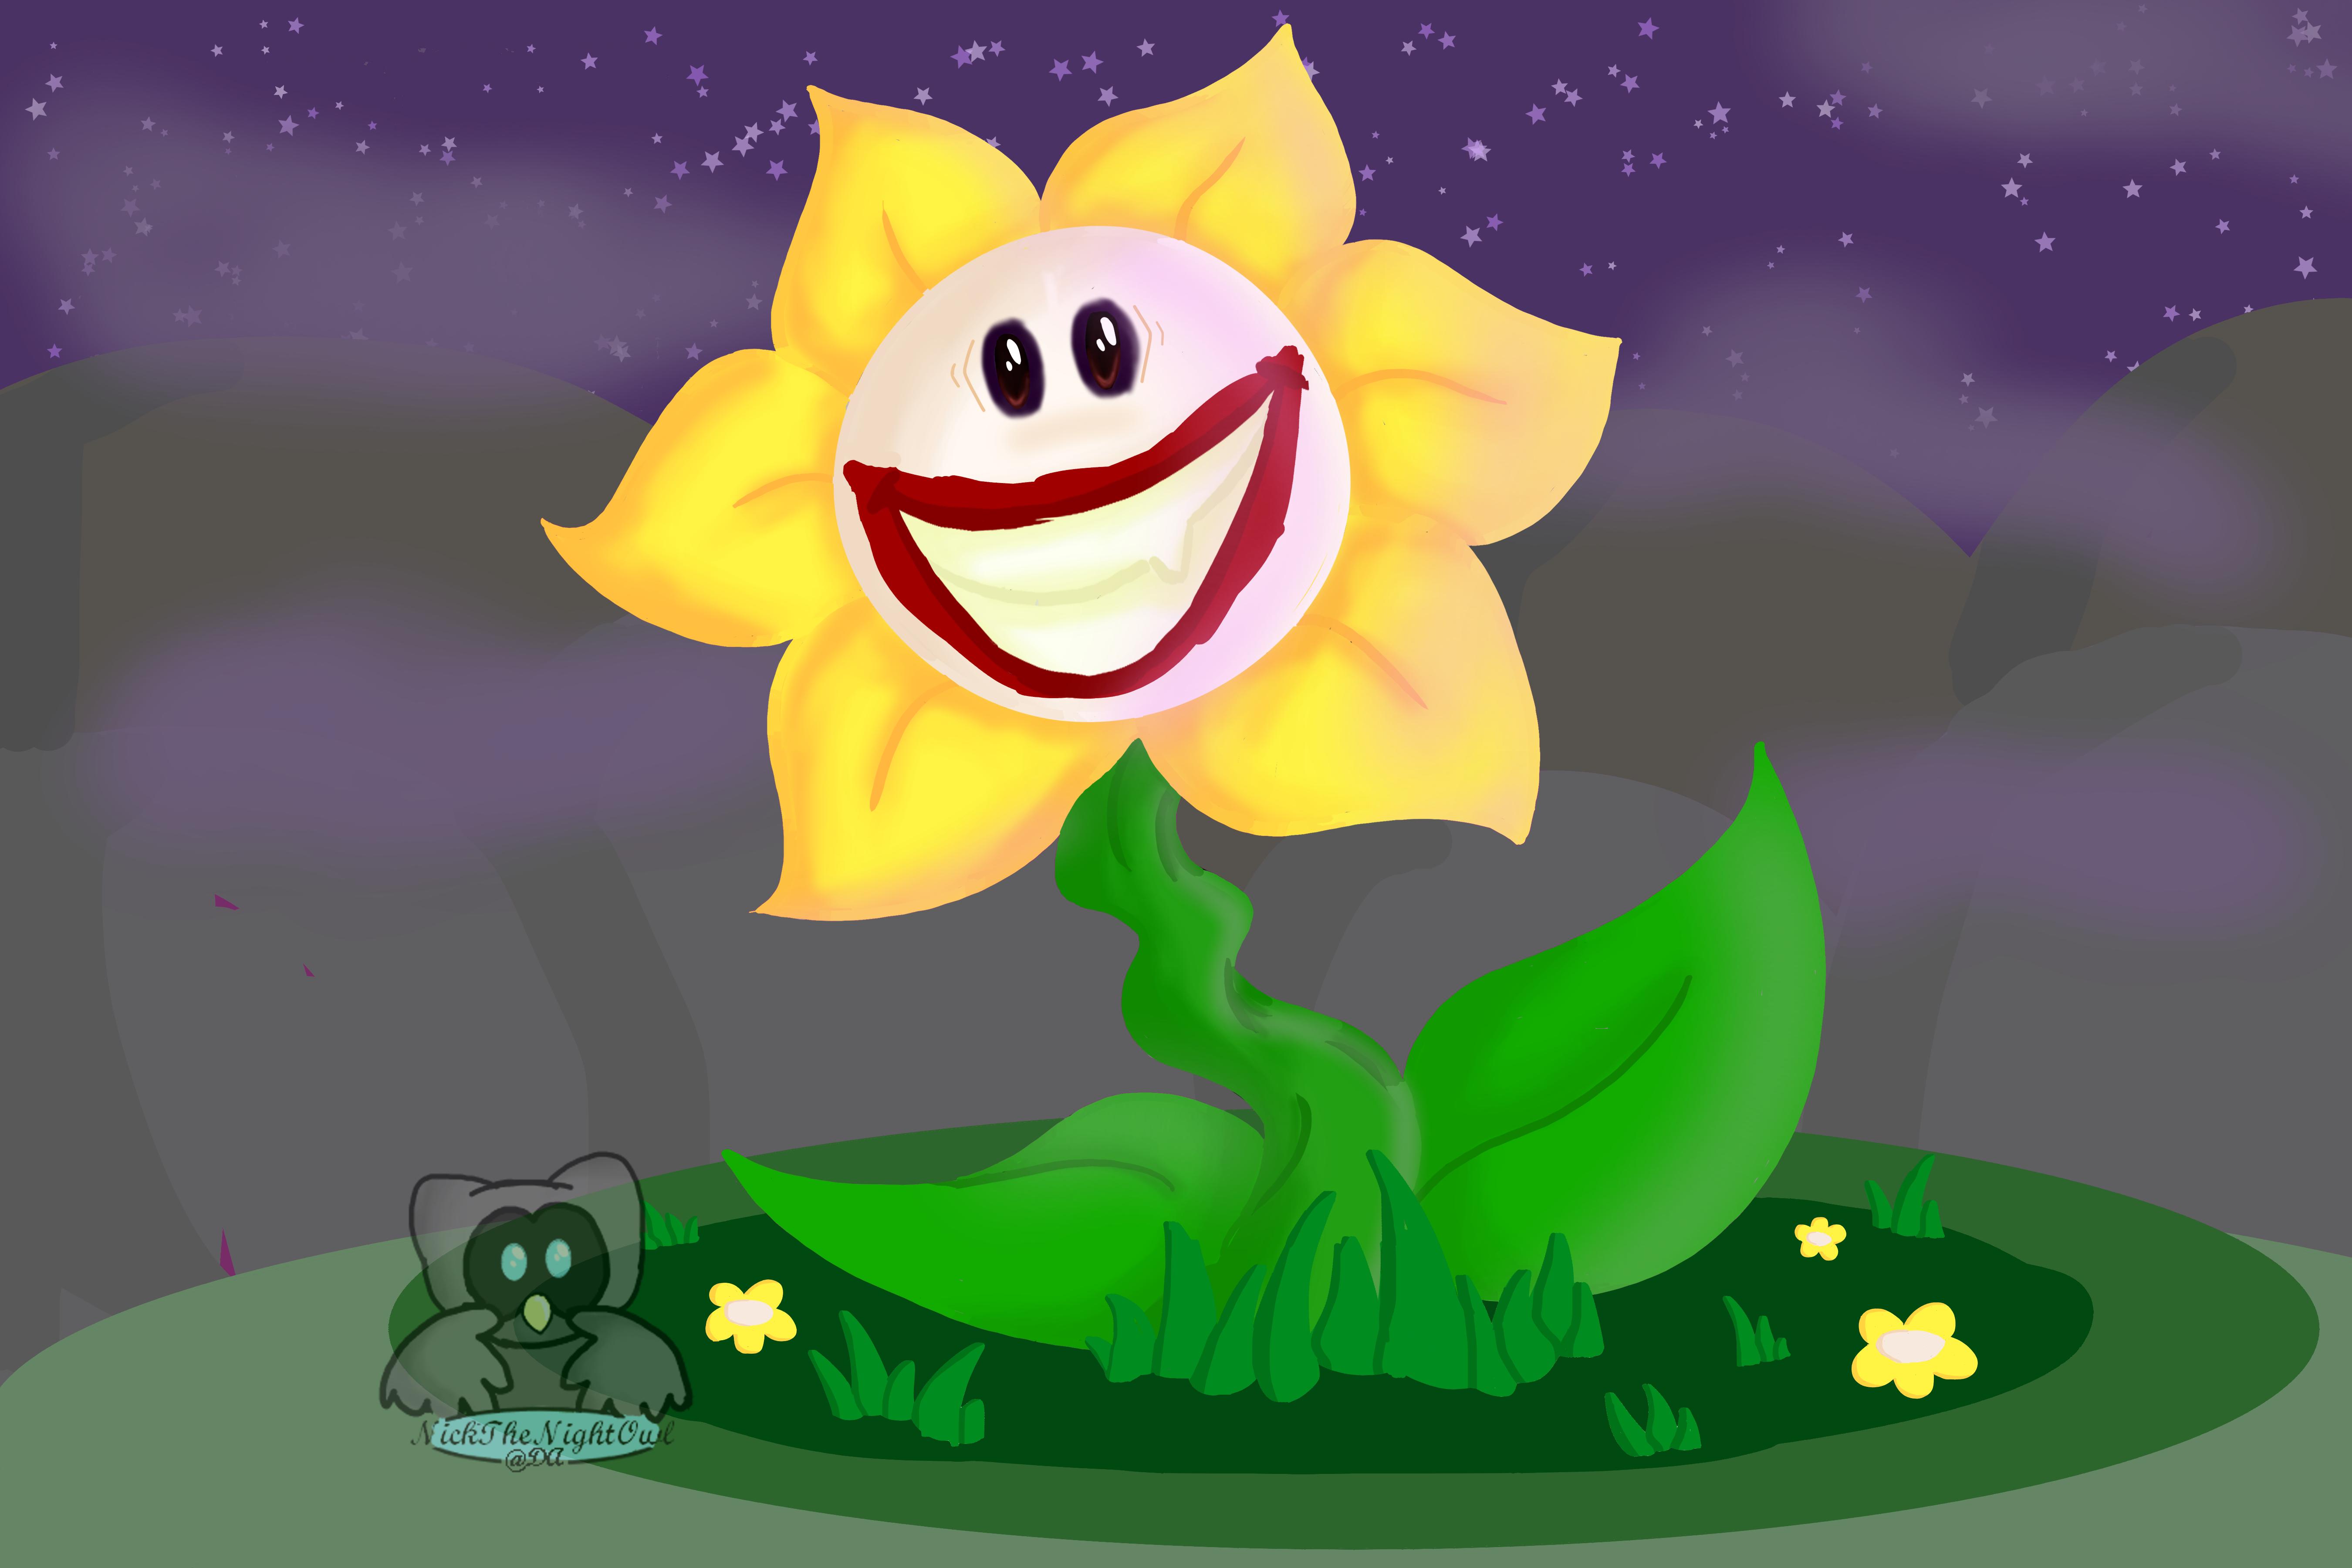 PaintAlong with TsaoShin Flowey the Joker by NickTheNightOwl on DeviantArt